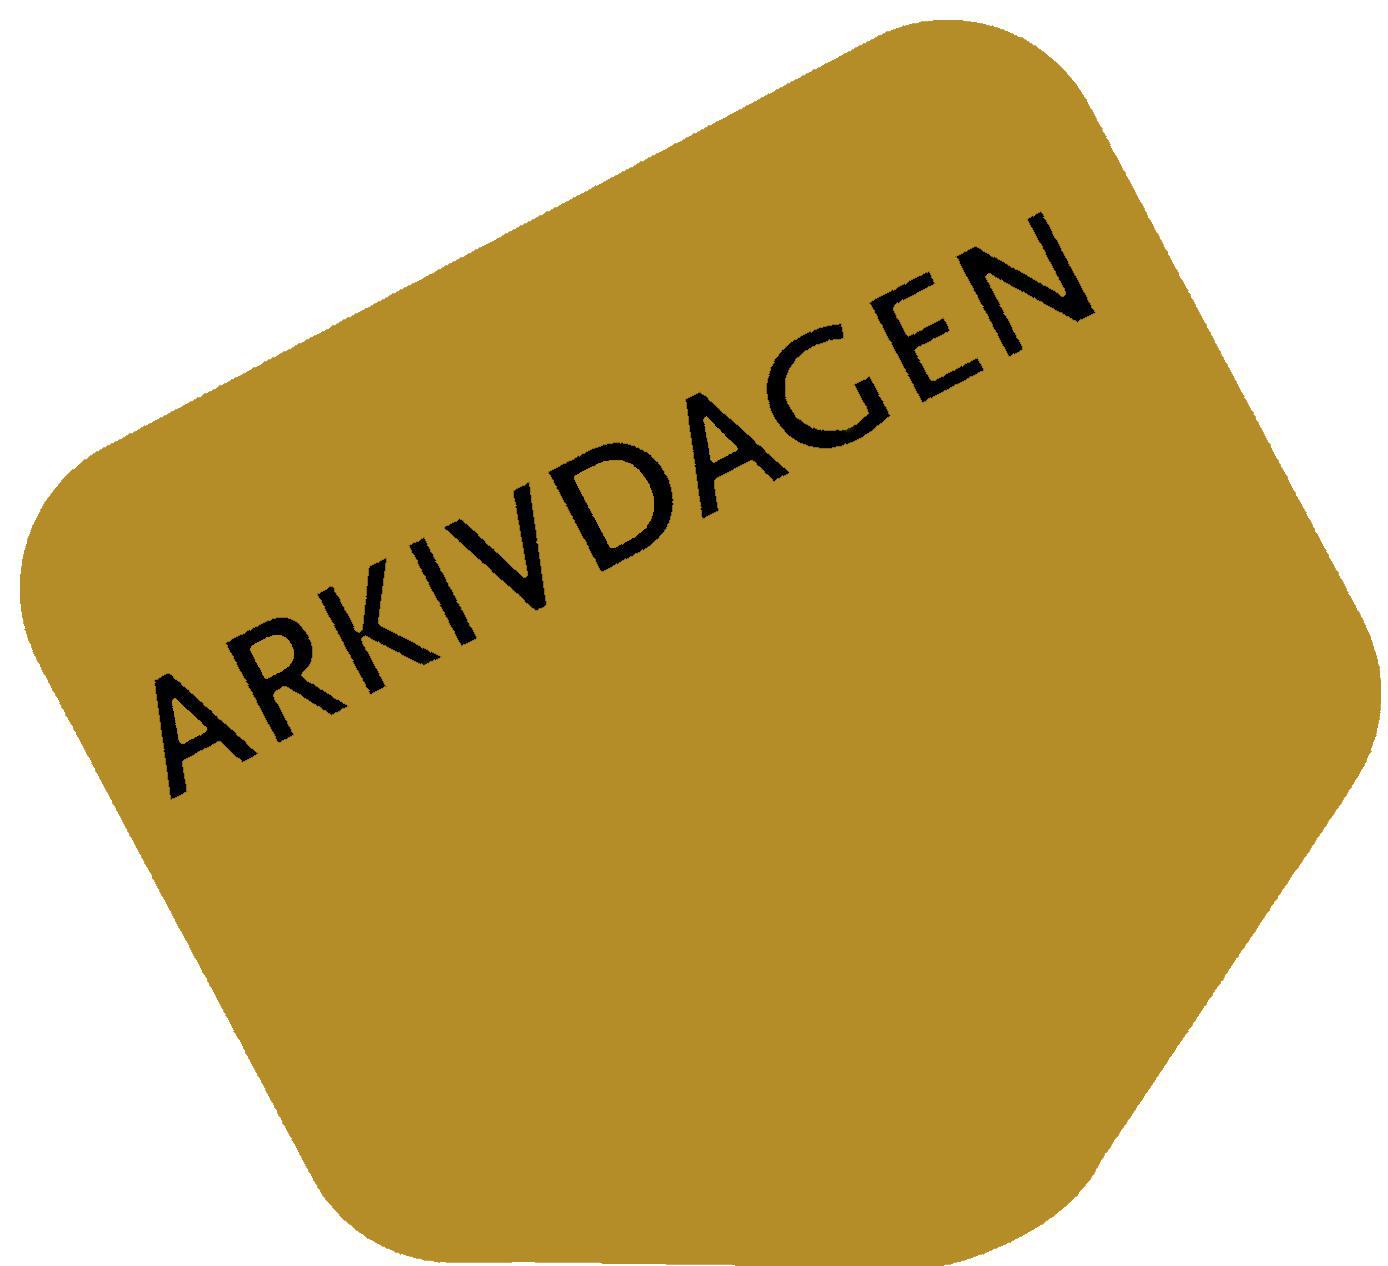 https://www.arkivforbundet.no/wp-content/uploads/2019/12/Arkivdagen-2020.png